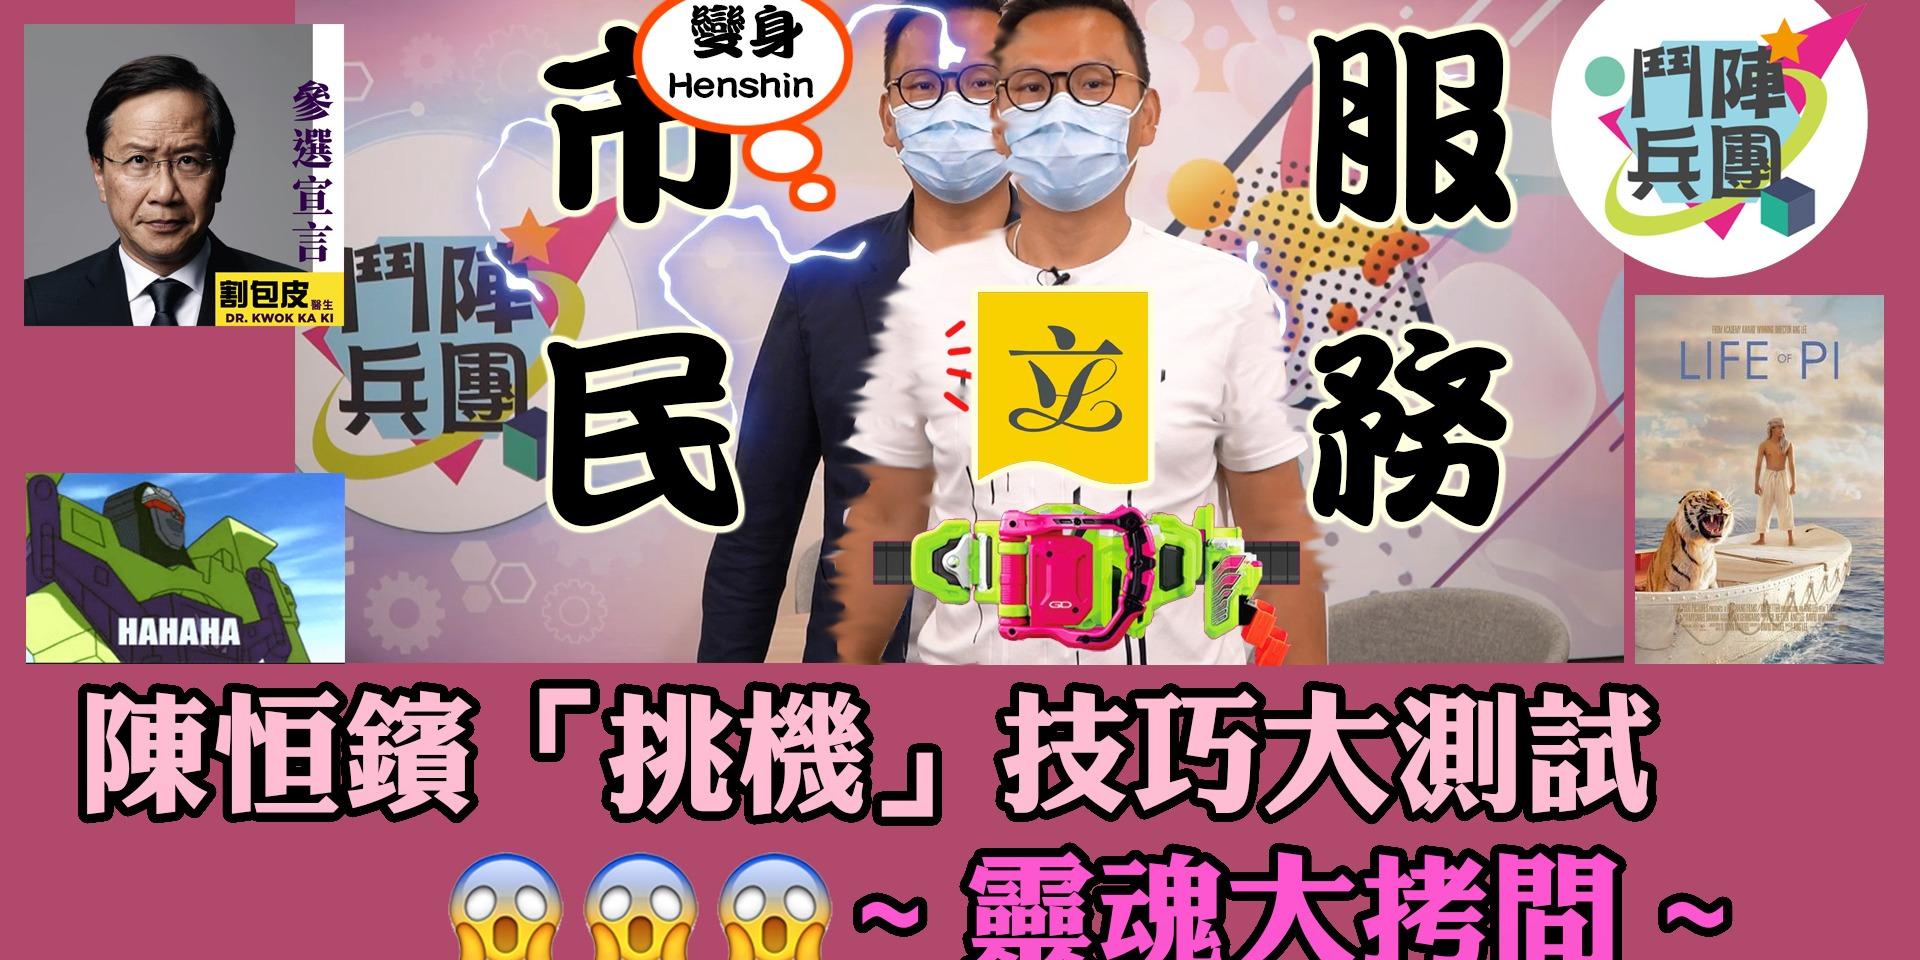 鬥陣兵團繼續爆笑:陳恒鑌「挑機」技巧大測試 靈魂大拷問!建制派邊個最肉酸?